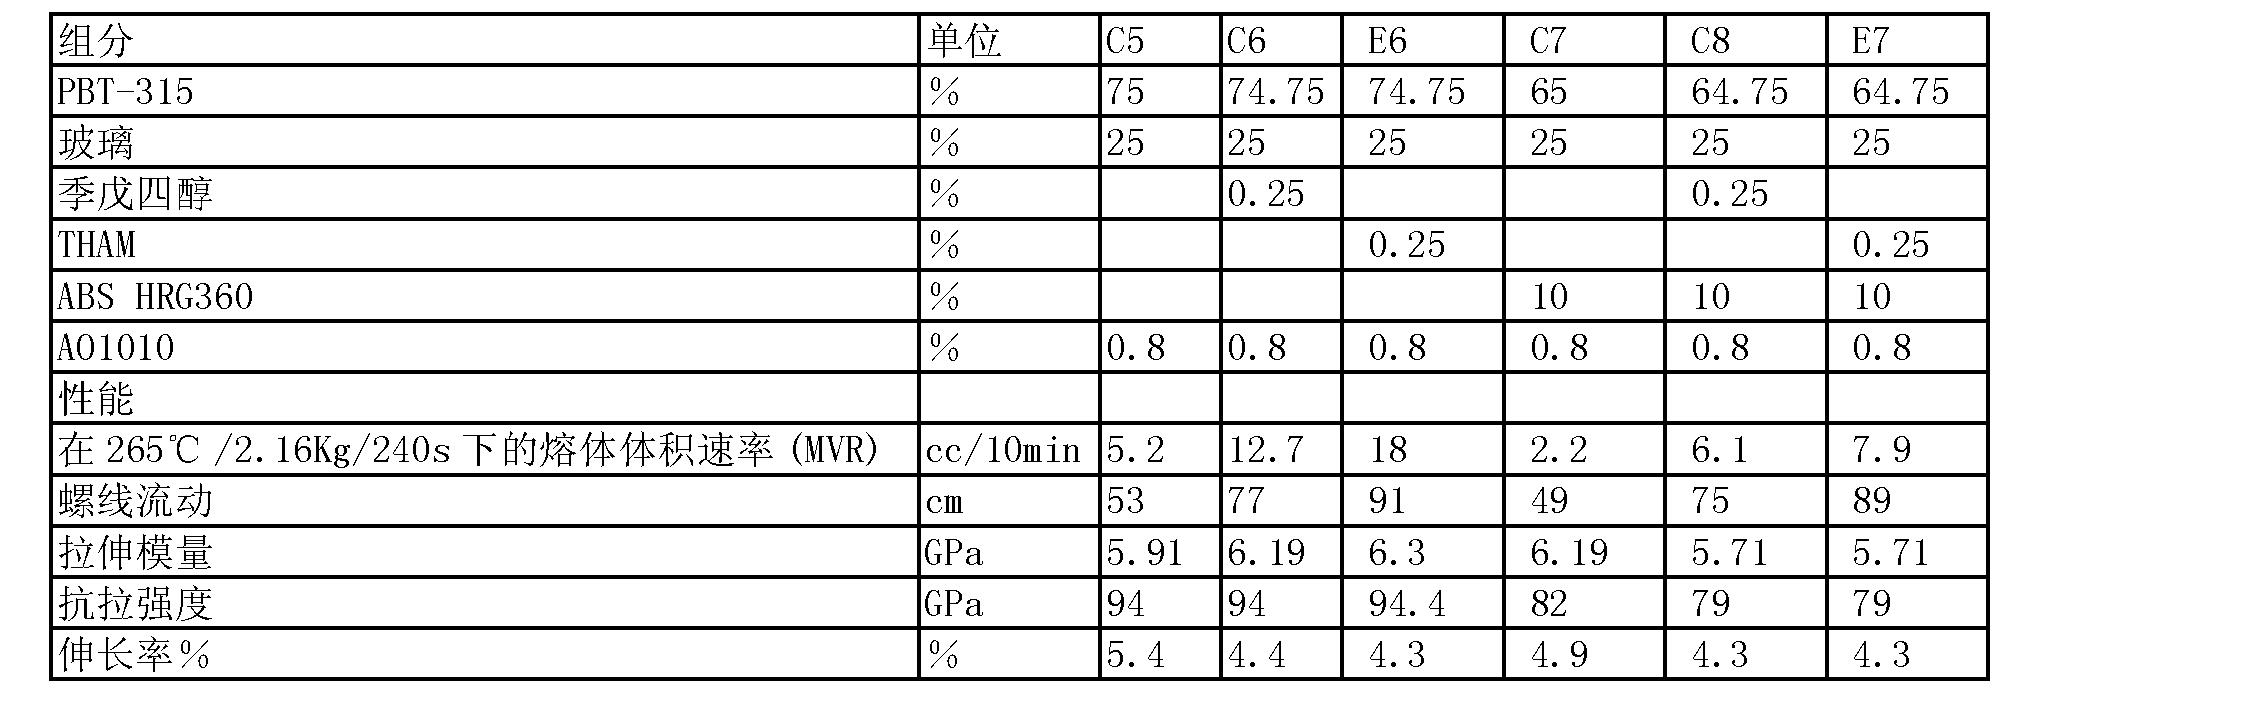 Figure CN101175804BD00153